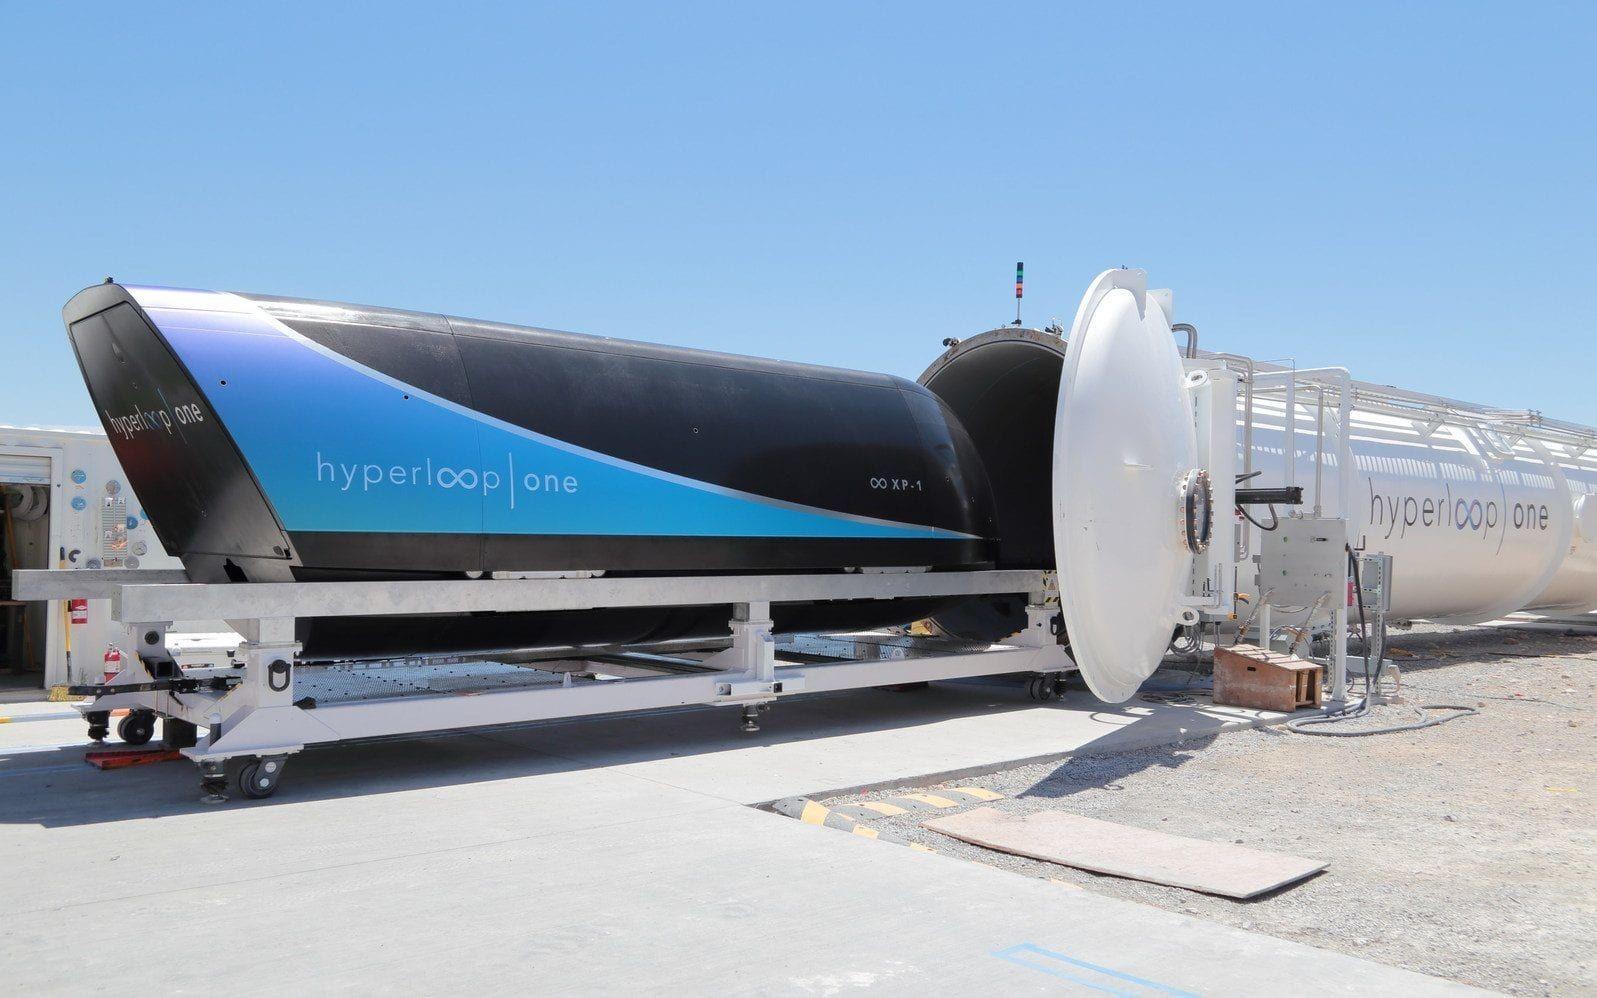 Капсулу Hyperloop One смогли разогнать до386 км/ч, установив новый рекорд